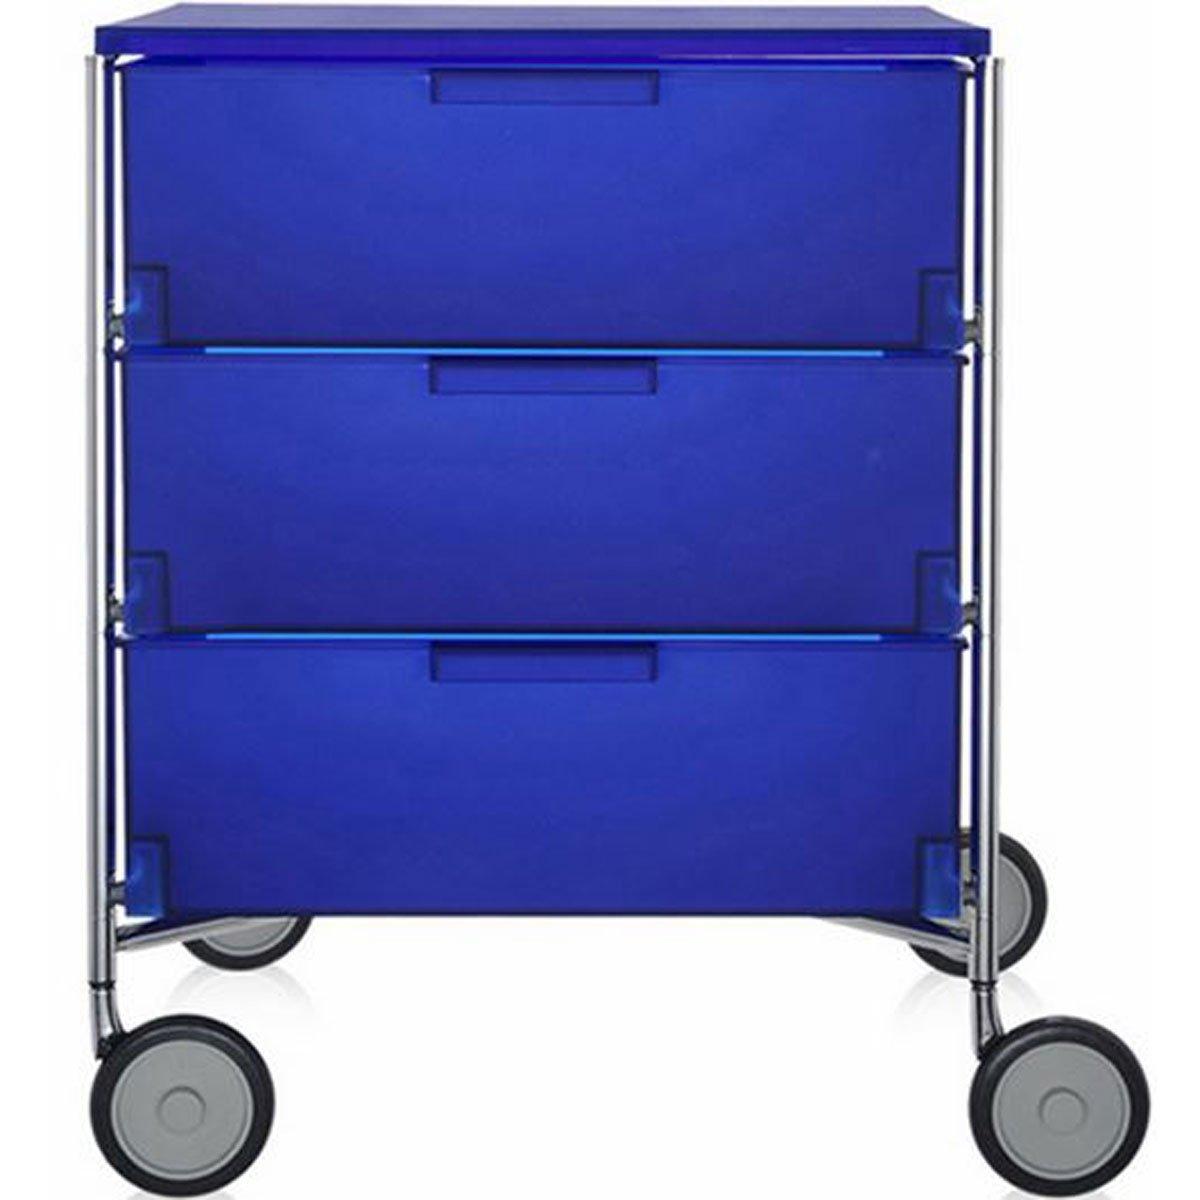 Kartell 2330L2 Container Mobil, 3 Schubladen, kobaltblau